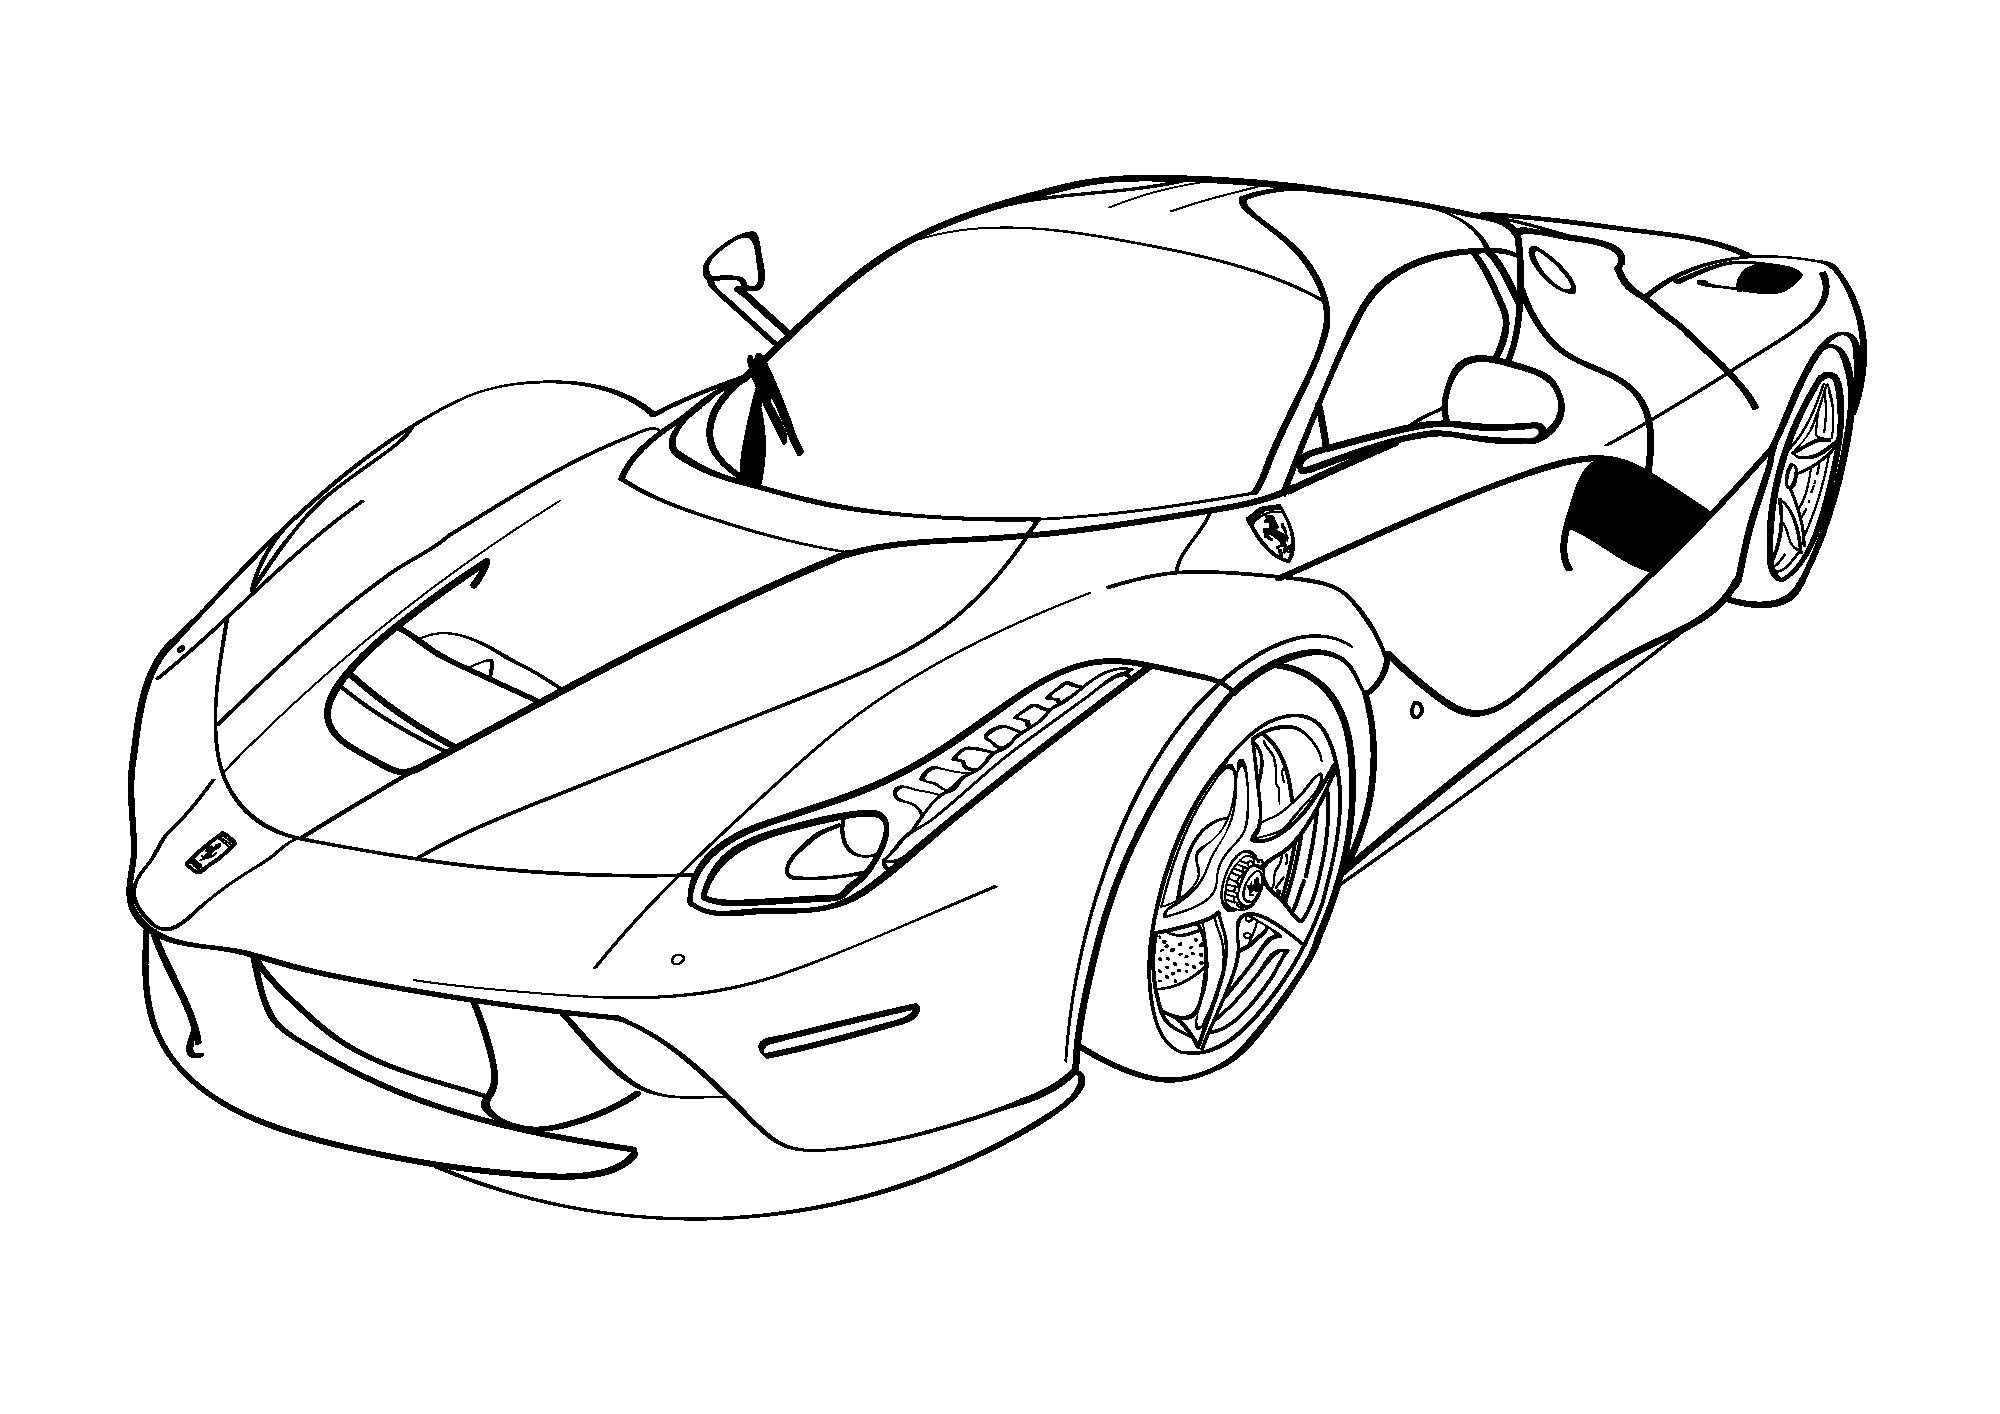 Fast And Furious Coloring Pages Ferrari Printable Shelter Ferrari Laferrari Boyama Sayfalari Spor Arabalar